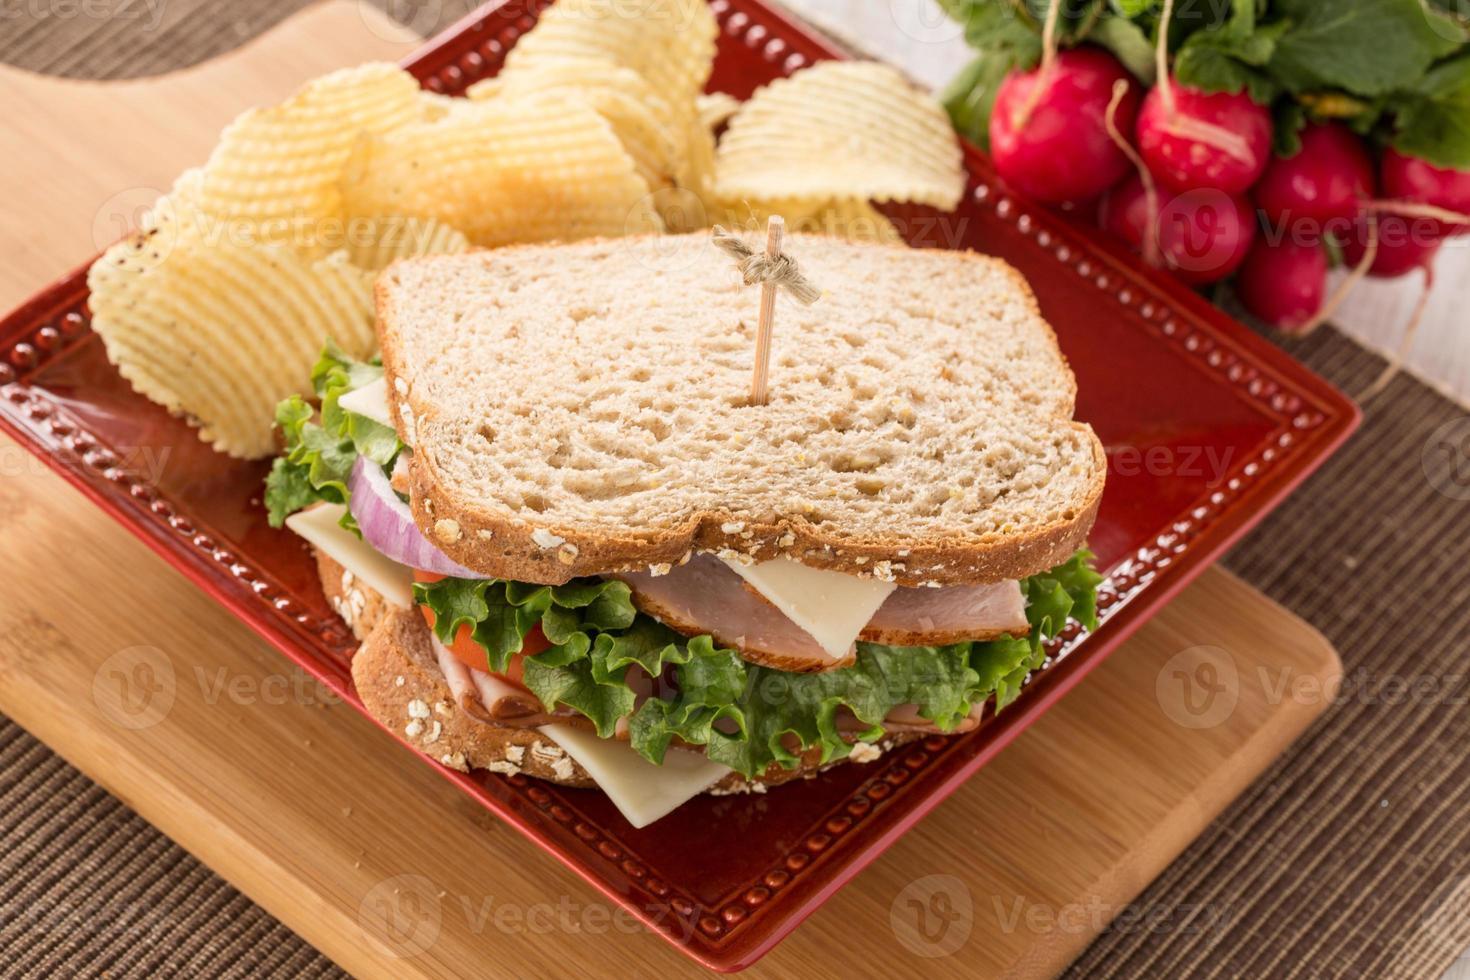 ham kalkoensandwich voor de lunch met chips foto